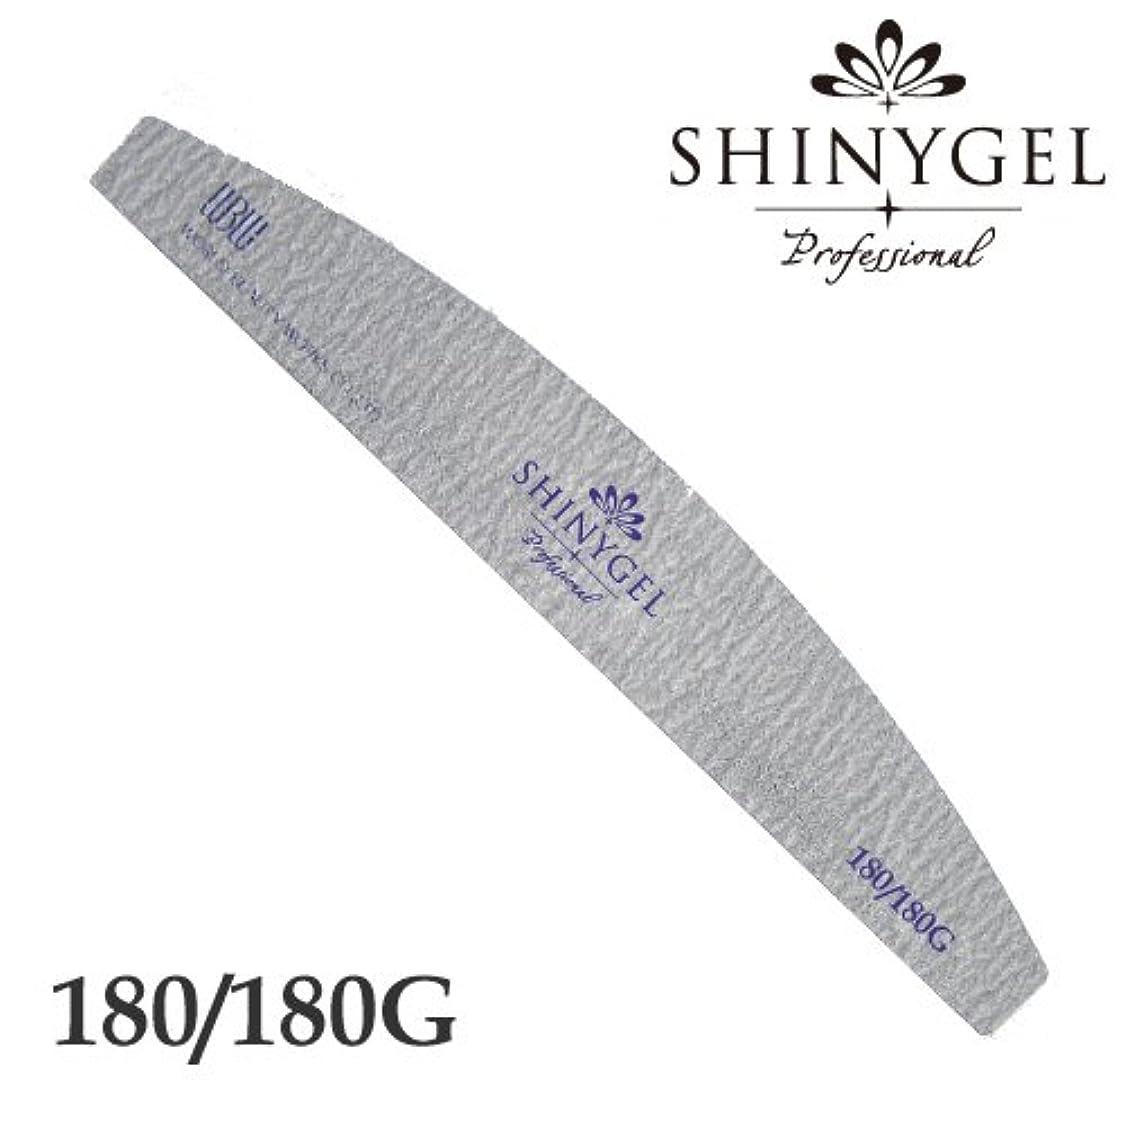 祝う爵達成するSHINYGEL Professional シャイニージェルプロフェッショナル ゼブラファイル ホワイト(アーチ型) 180/180G ジェルネイル 爪やすり